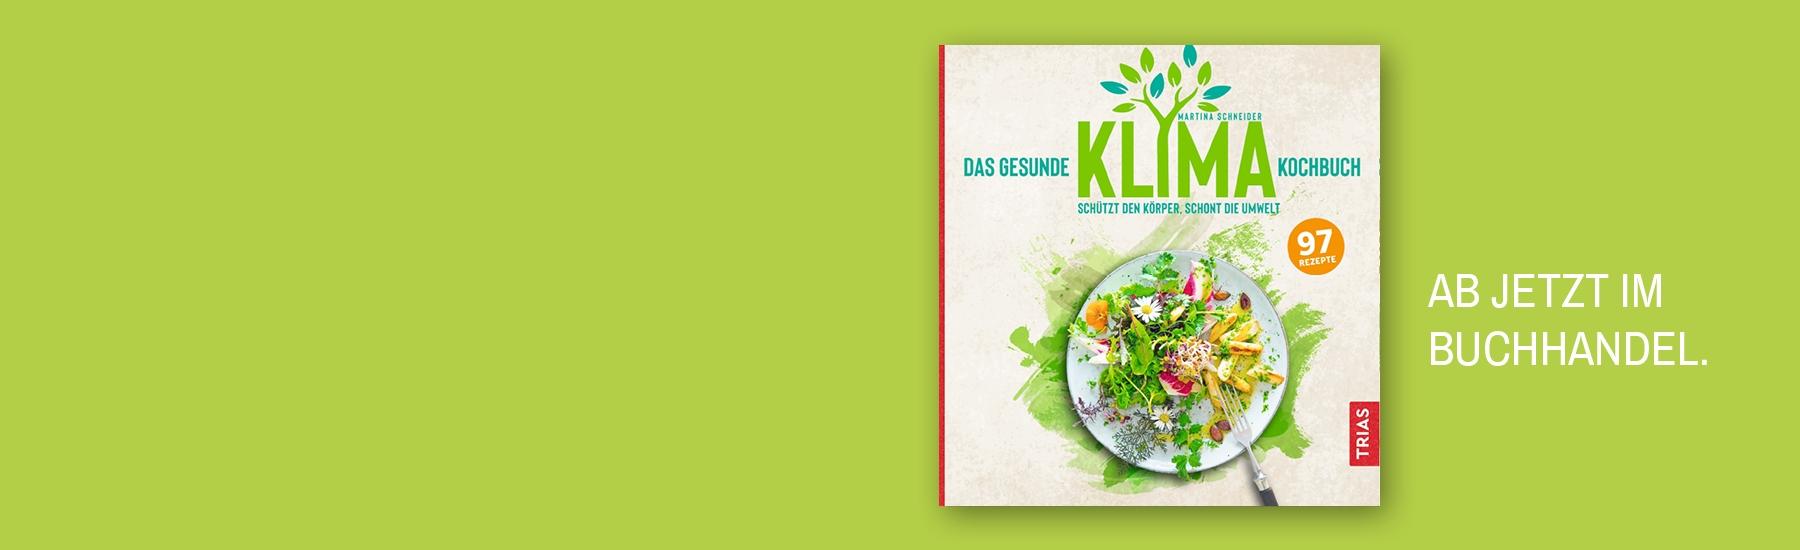 Das gesunde Klimakochbuch